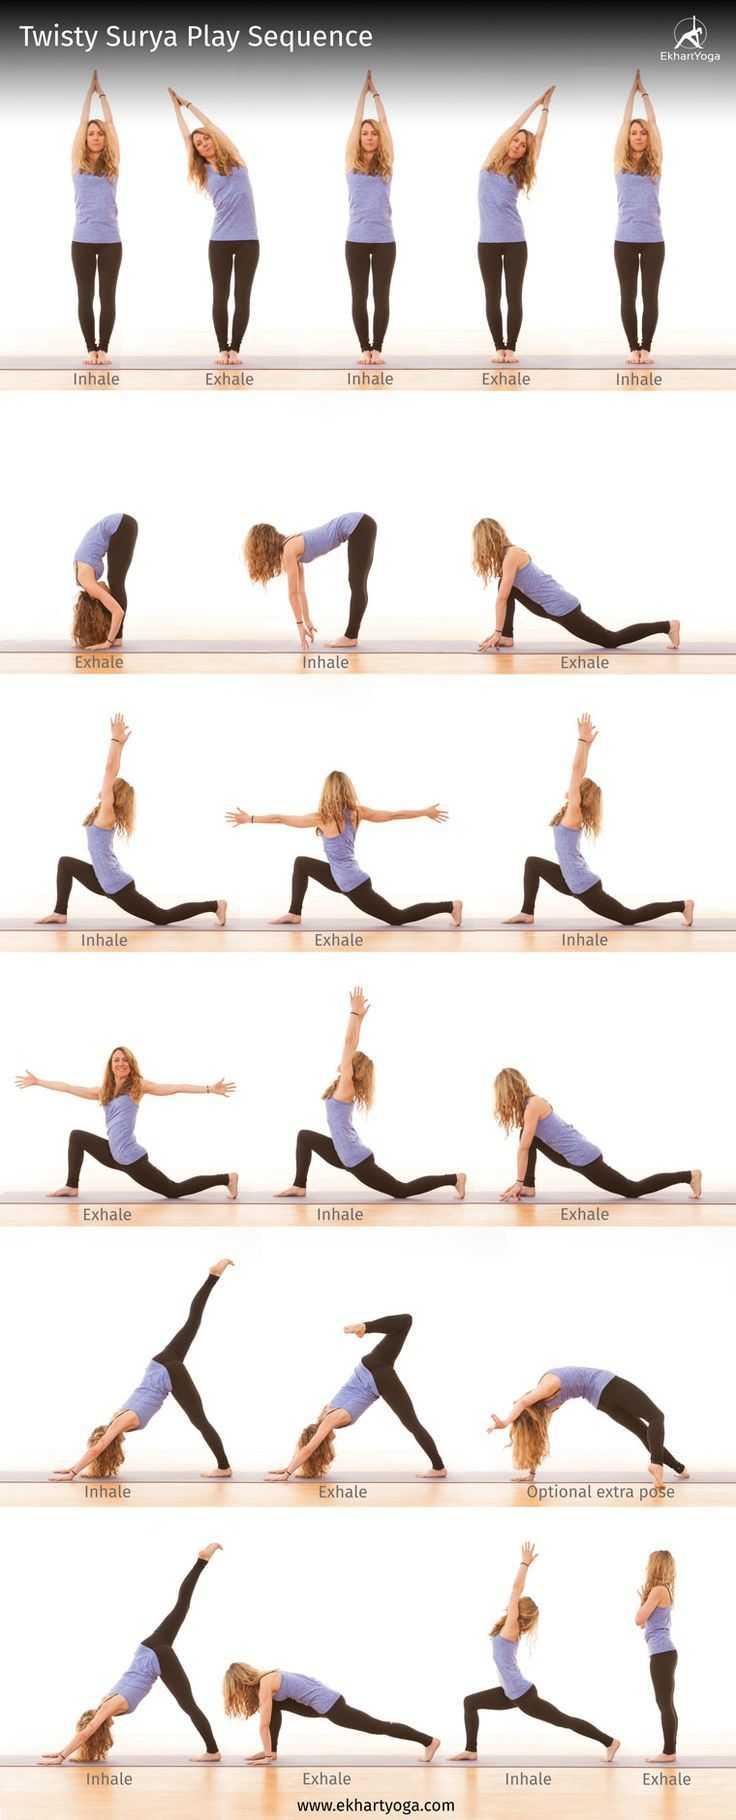 Это подборка 20 асан из йоги новичкам и продвинутым для плоского живота, сильного кора и подтянутого пресса, которые помогут избавиться от лишних килограммов